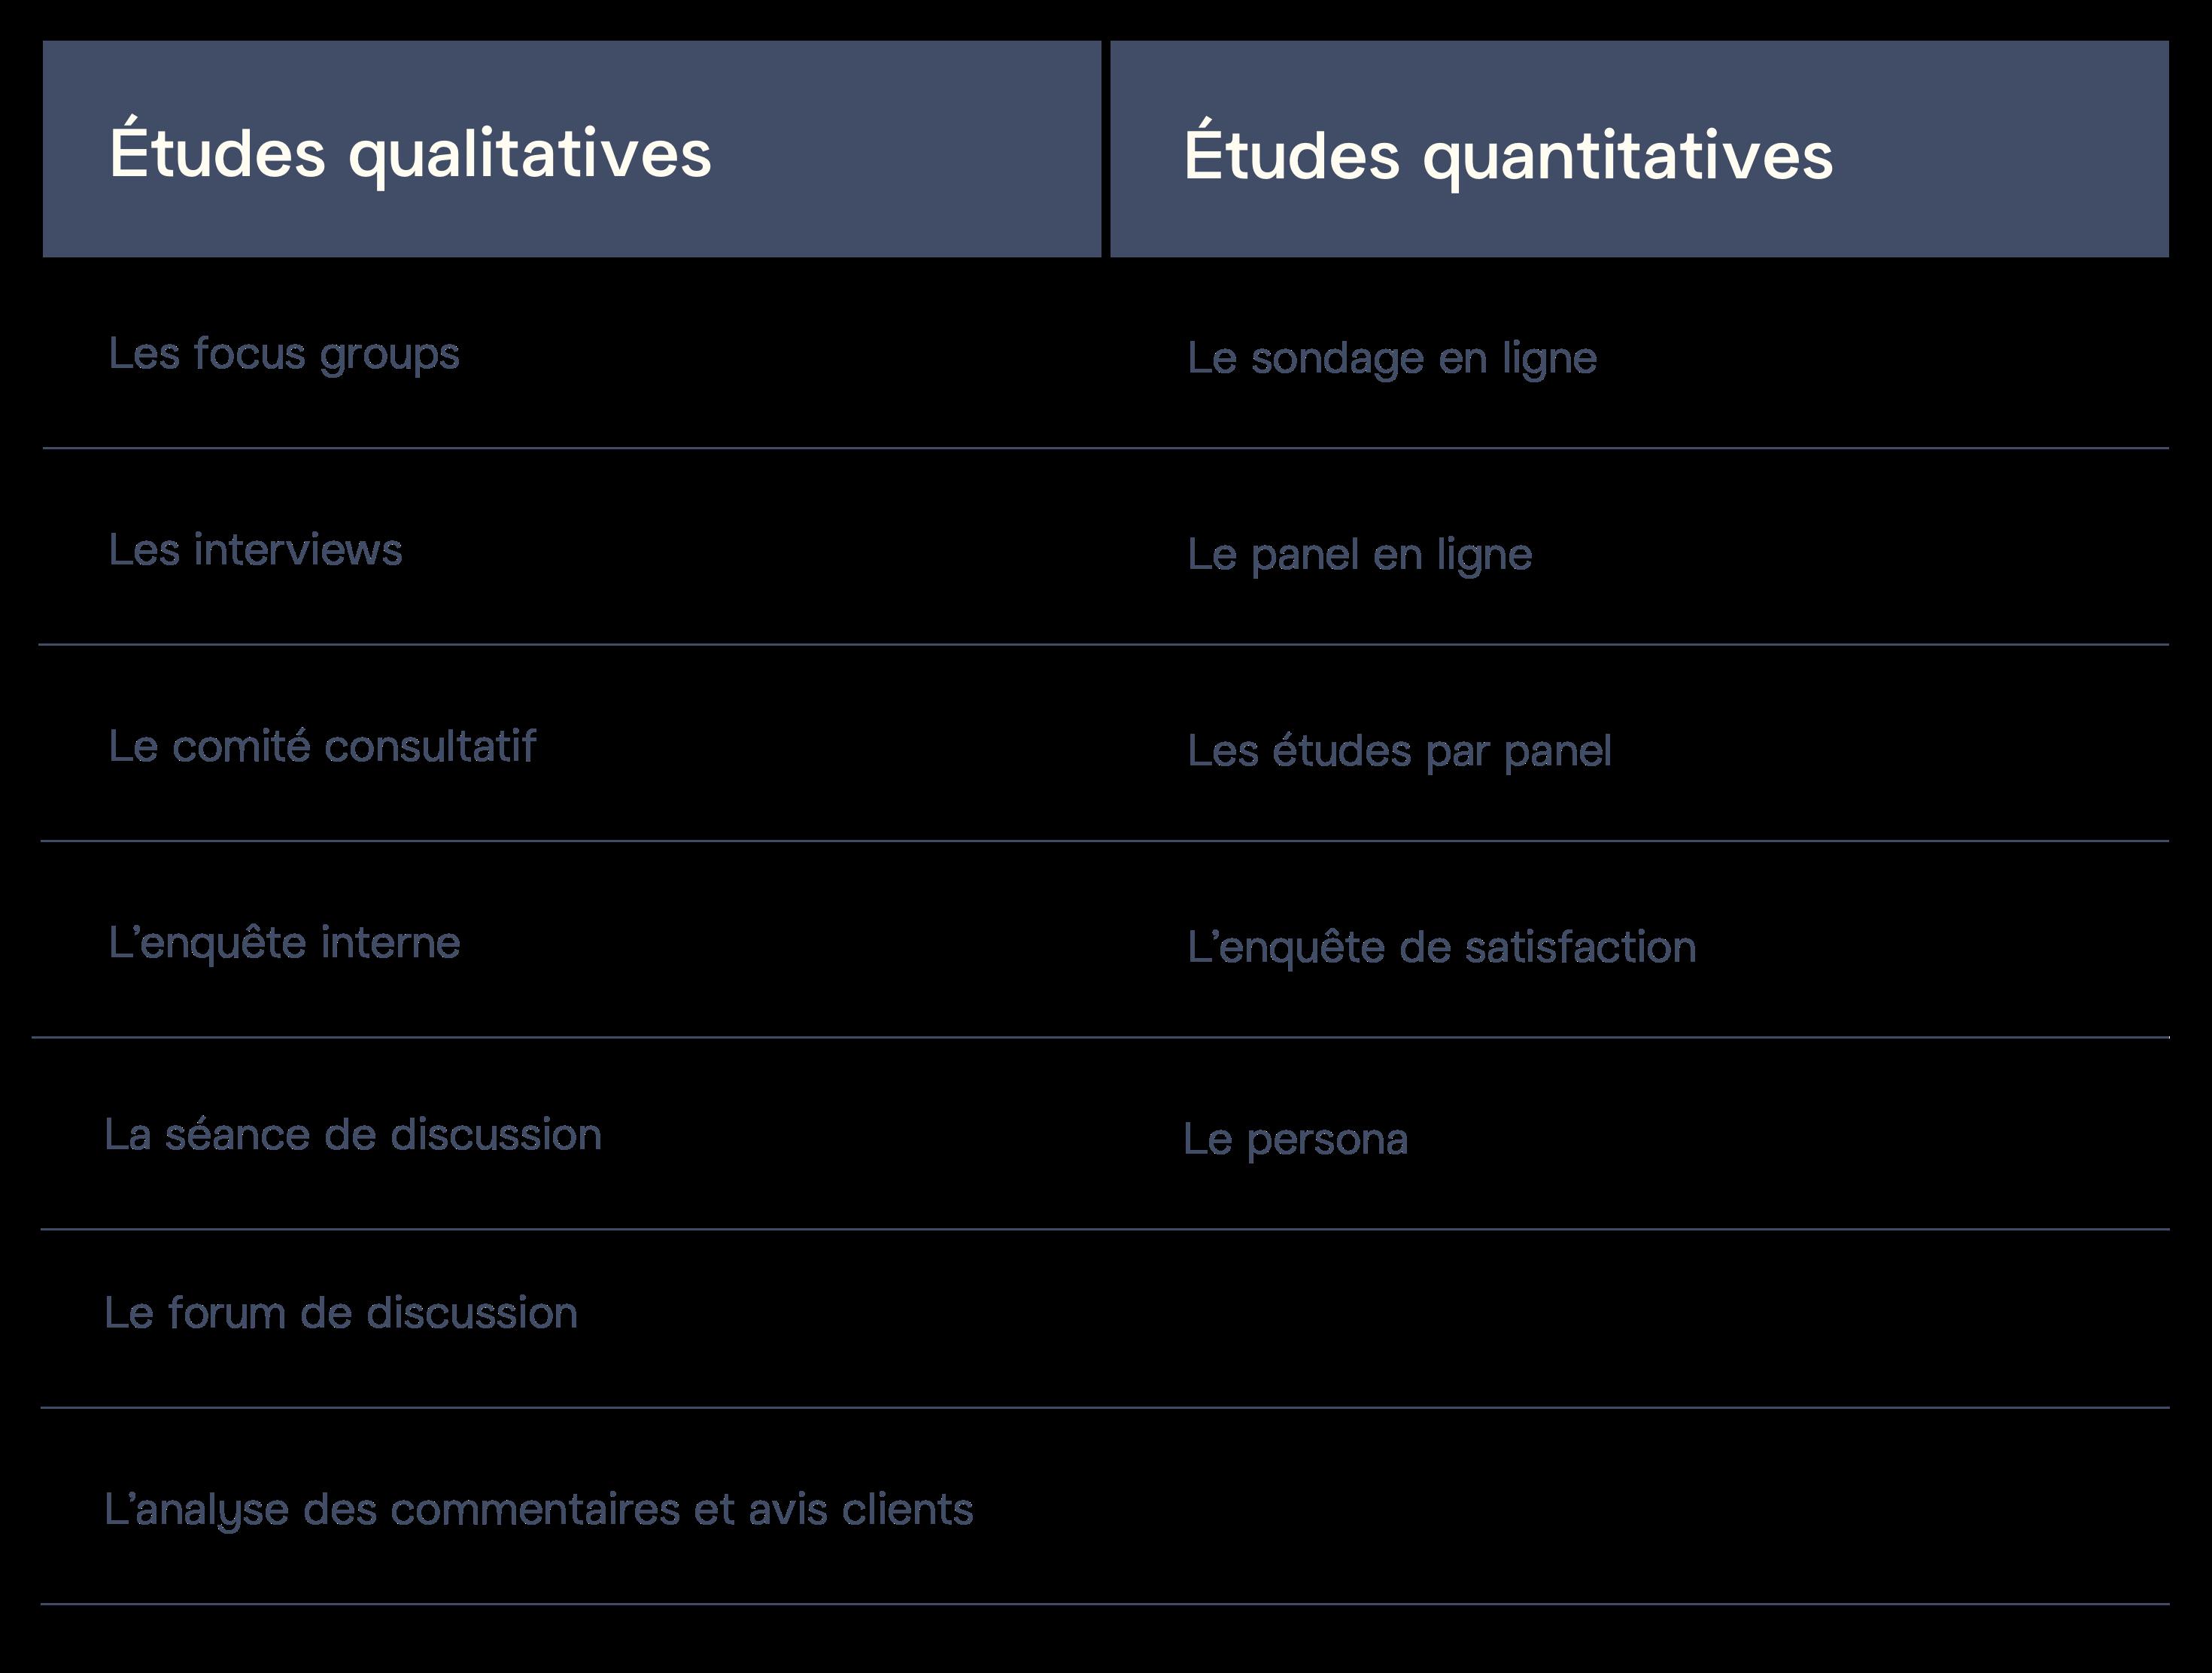 Outils qualtitatifs et outils quantitatifs